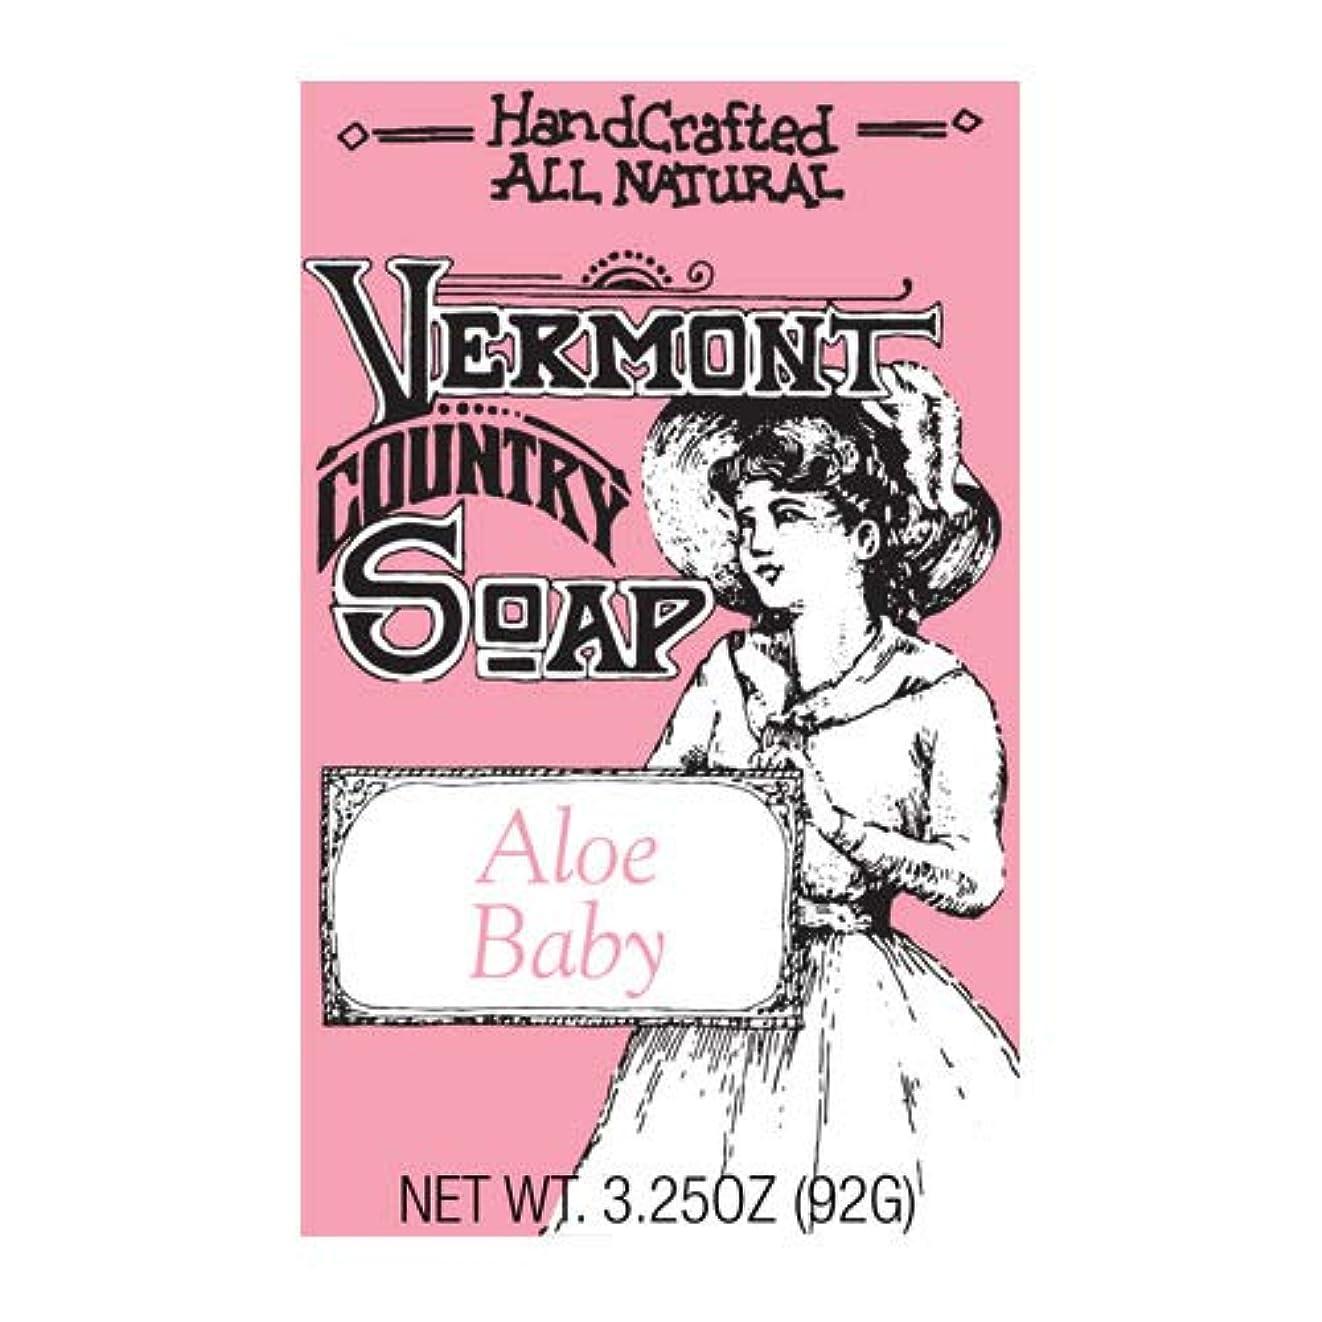 サーバント常識ささいなVermontSoap バーモントカントリーソープ 6種類 (アロエ ベビー) 92g オーガニック石けん 洗顔 ボディー